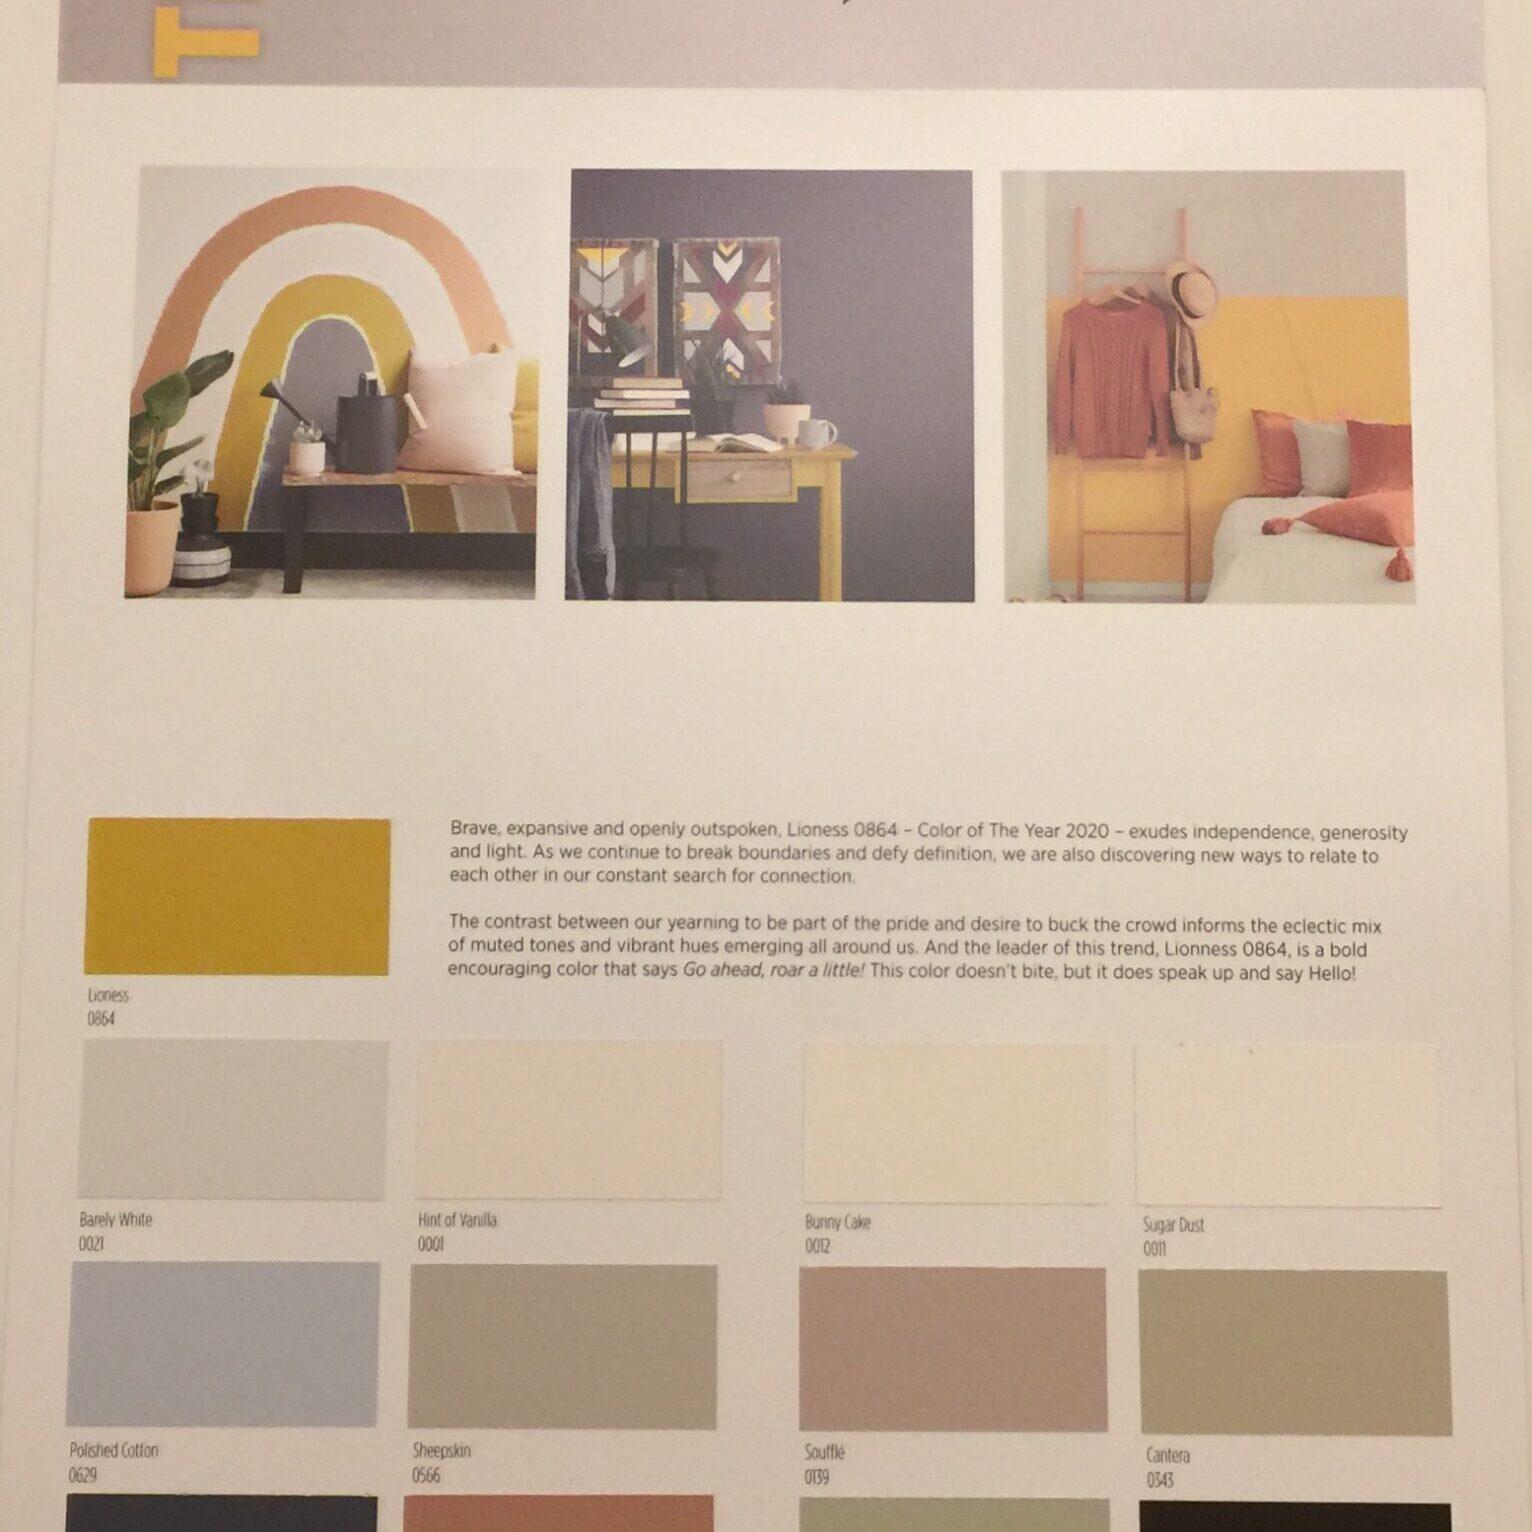 vista paints 2020 color trends